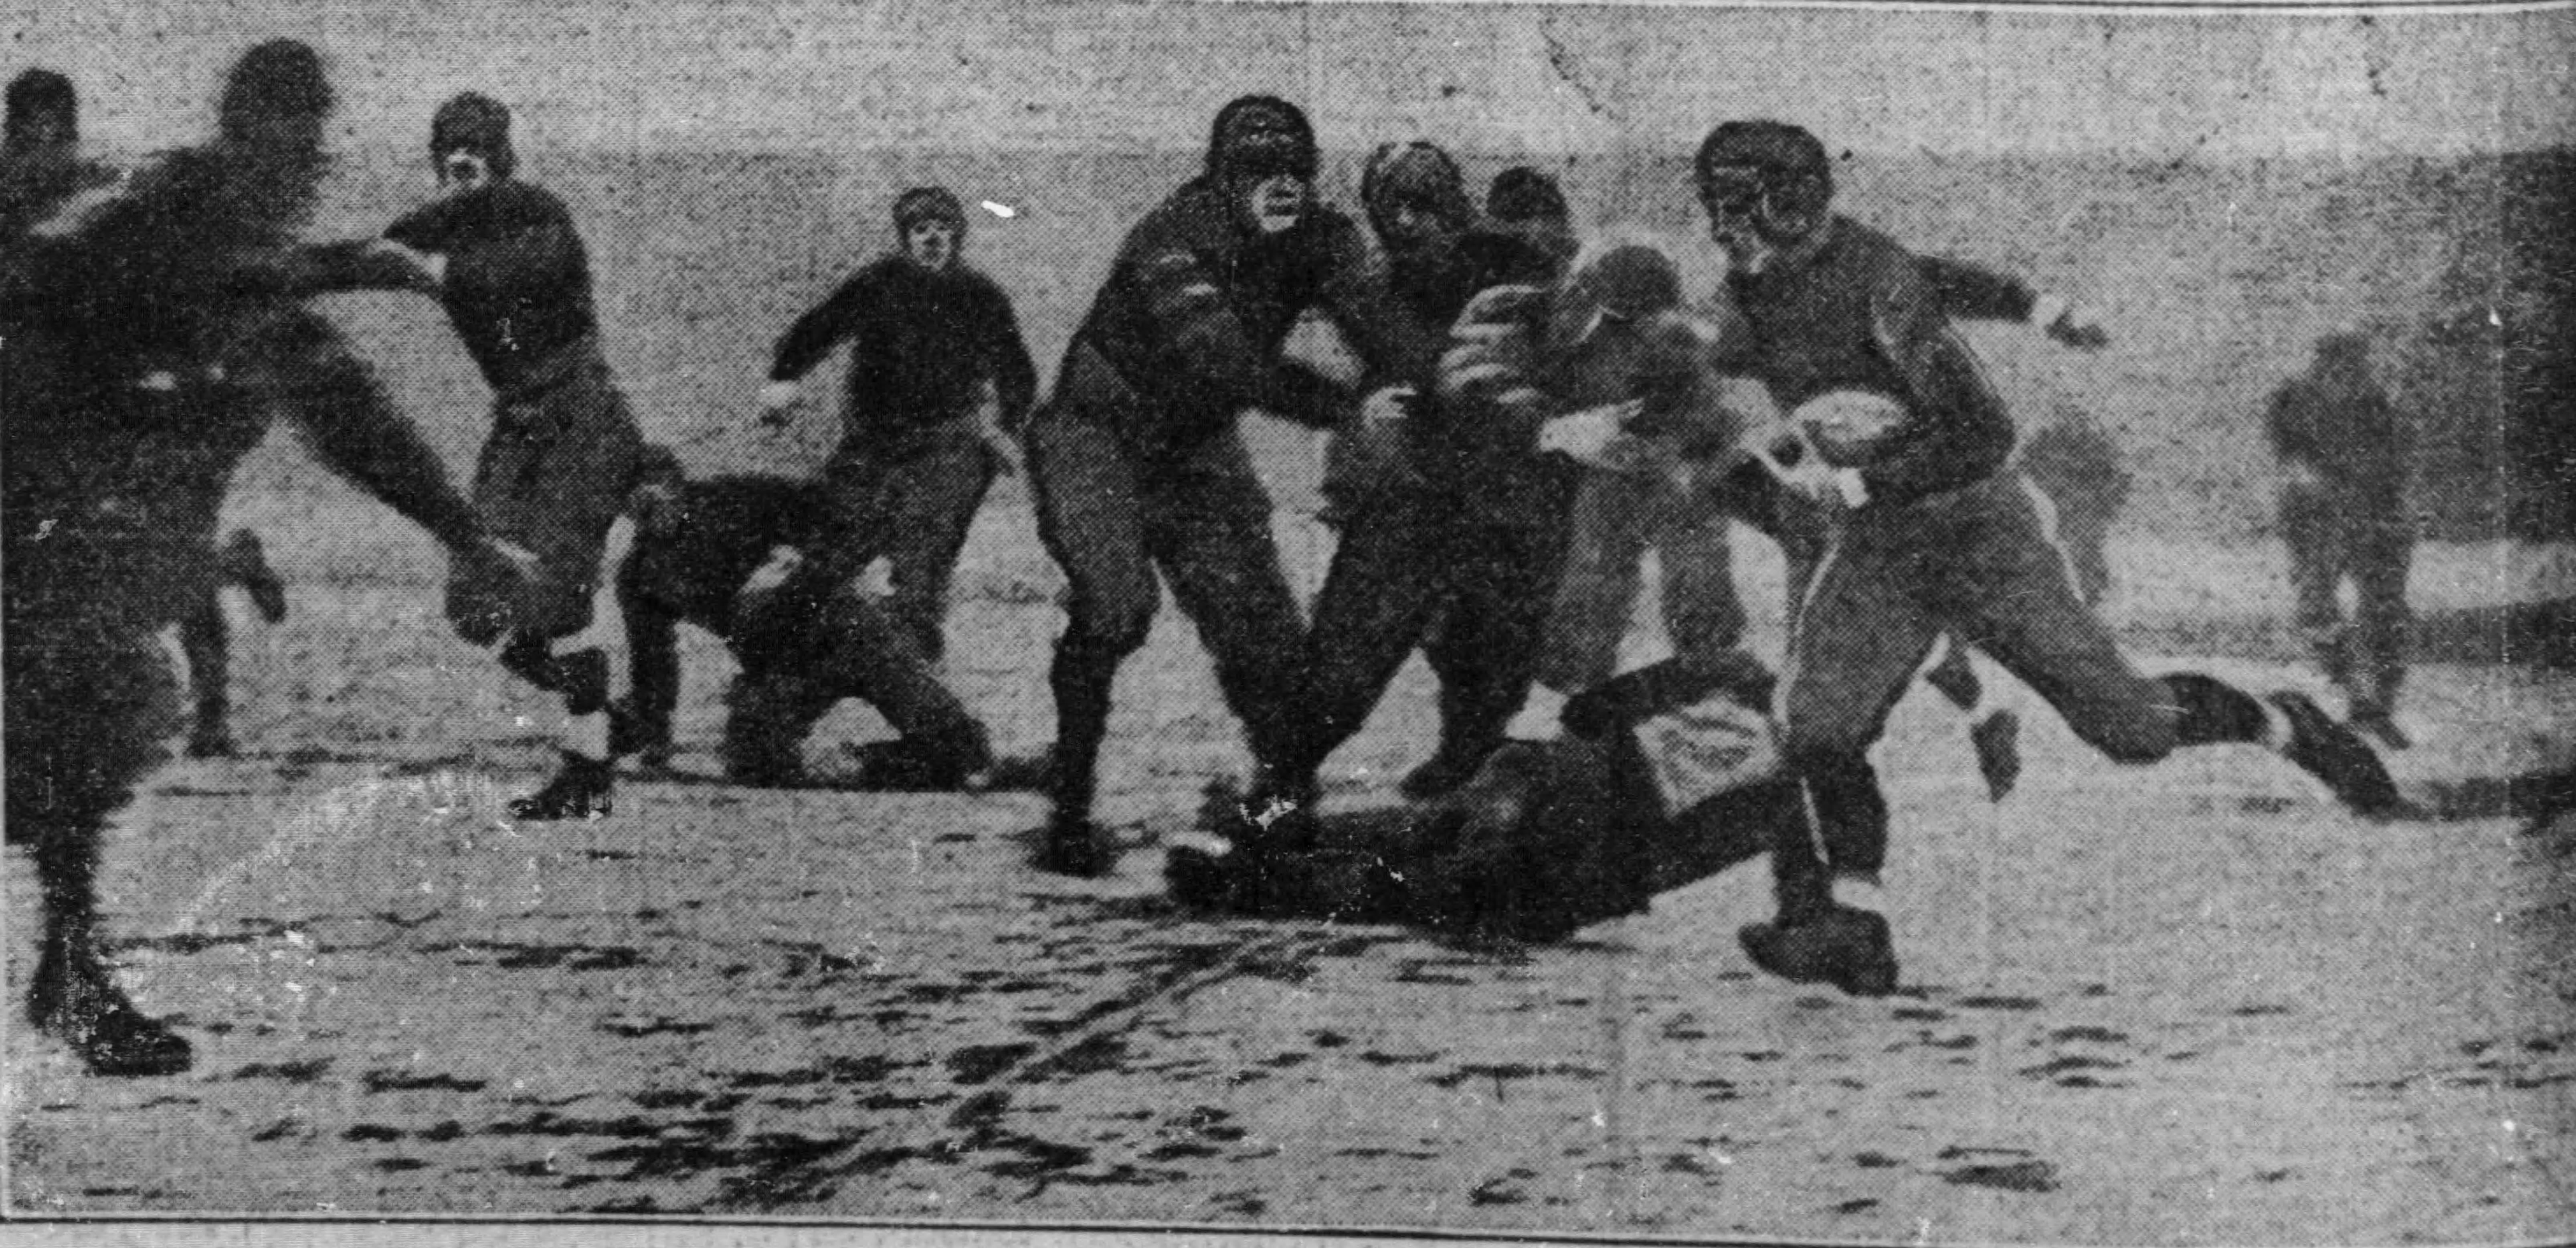 Chicago_Tribune_Mon__Dec_7__1925_Football 1